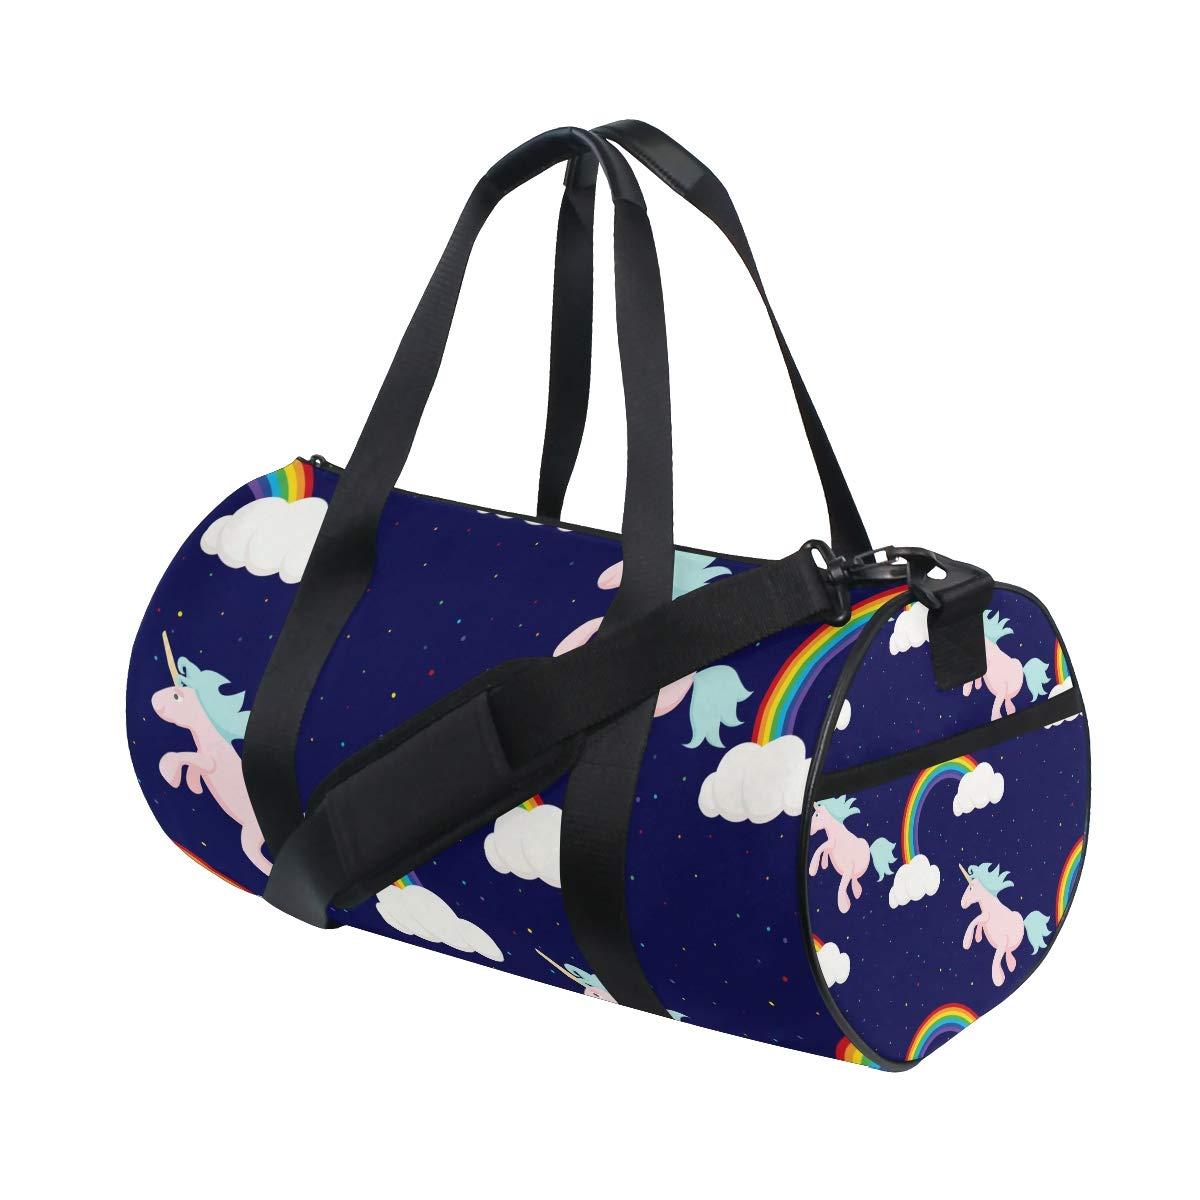 WIHVE Gym Duffel Bag Cute Unicorns Rainbow Night Sports Lightweight Canvas Travel Luggage Bag